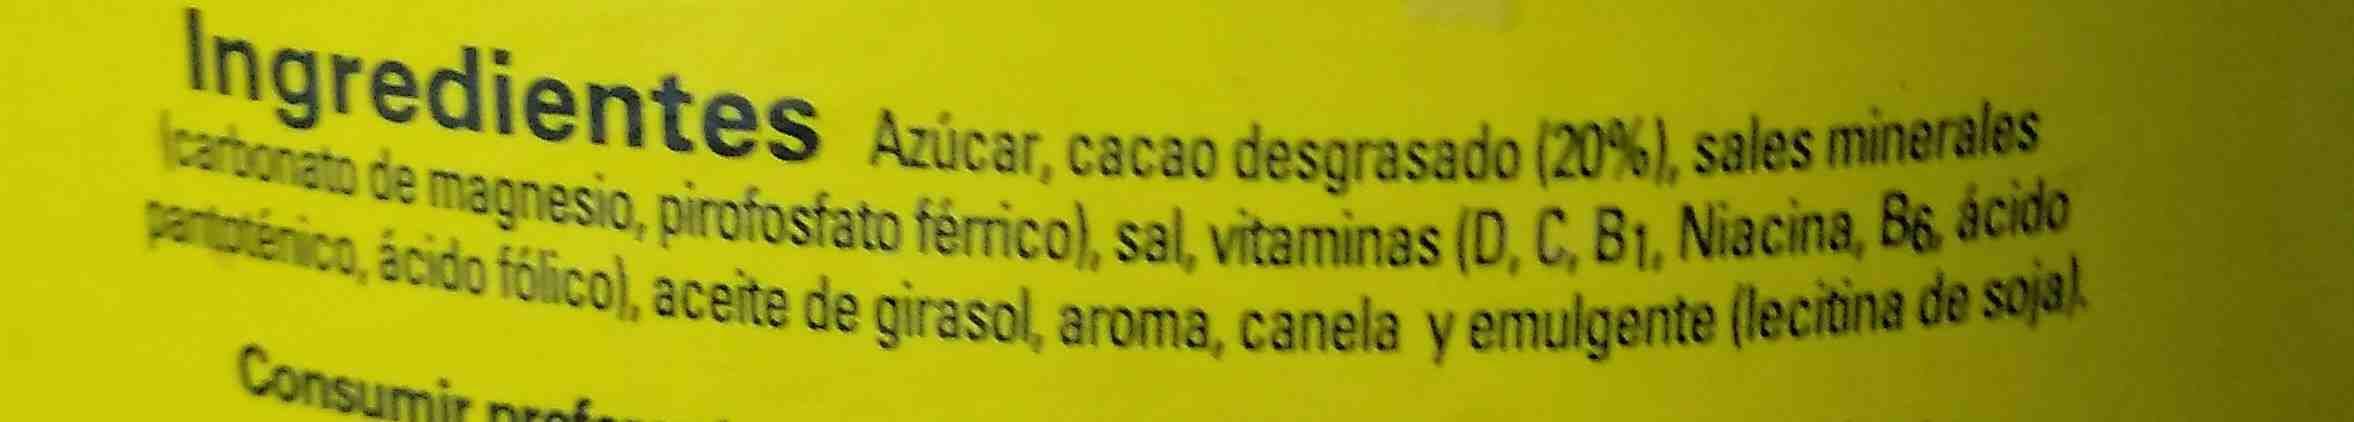 CACAU NESQUIK EN POLS - Ingredients